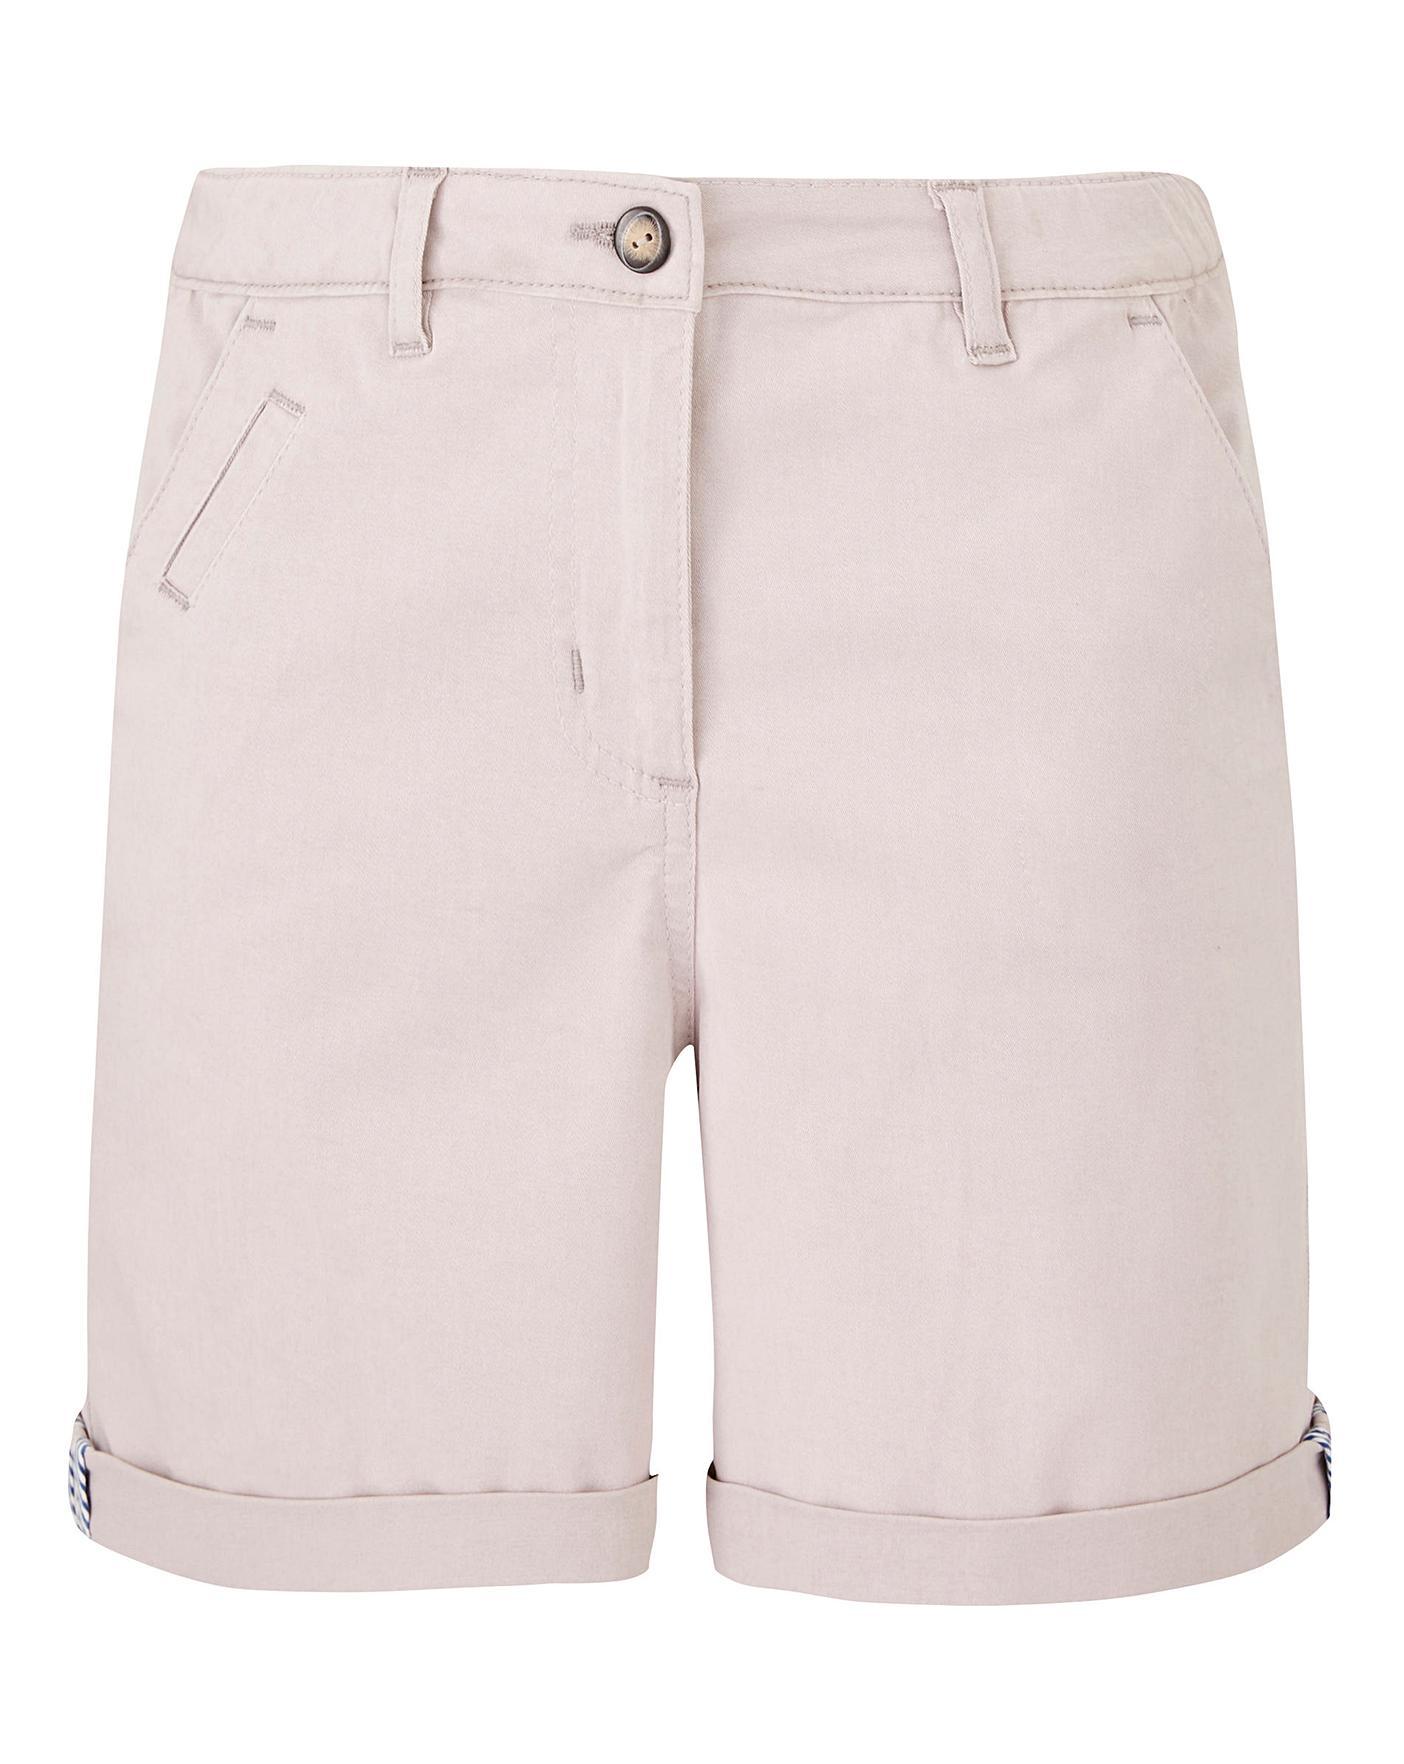 petite shorts